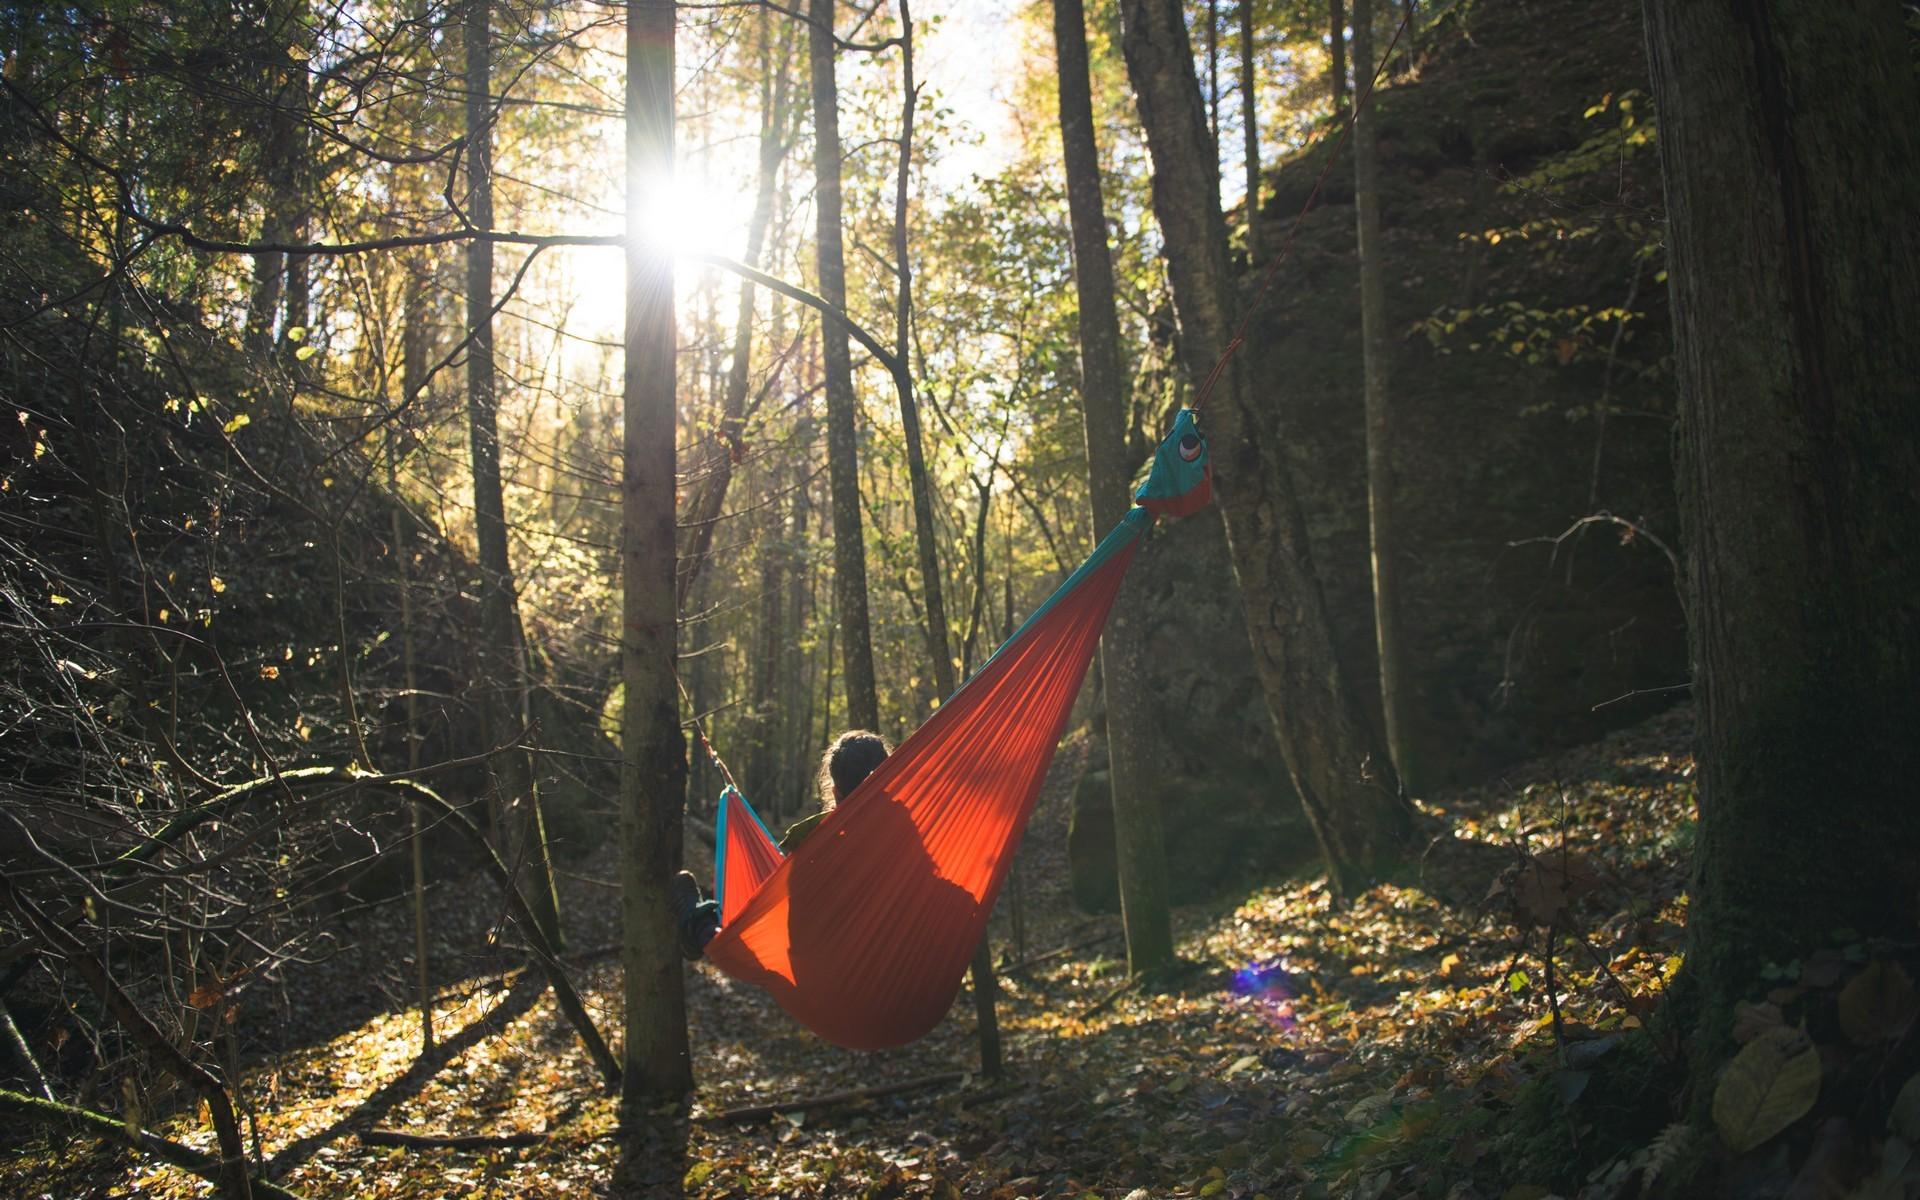 Релакс в лесу в гамаке.